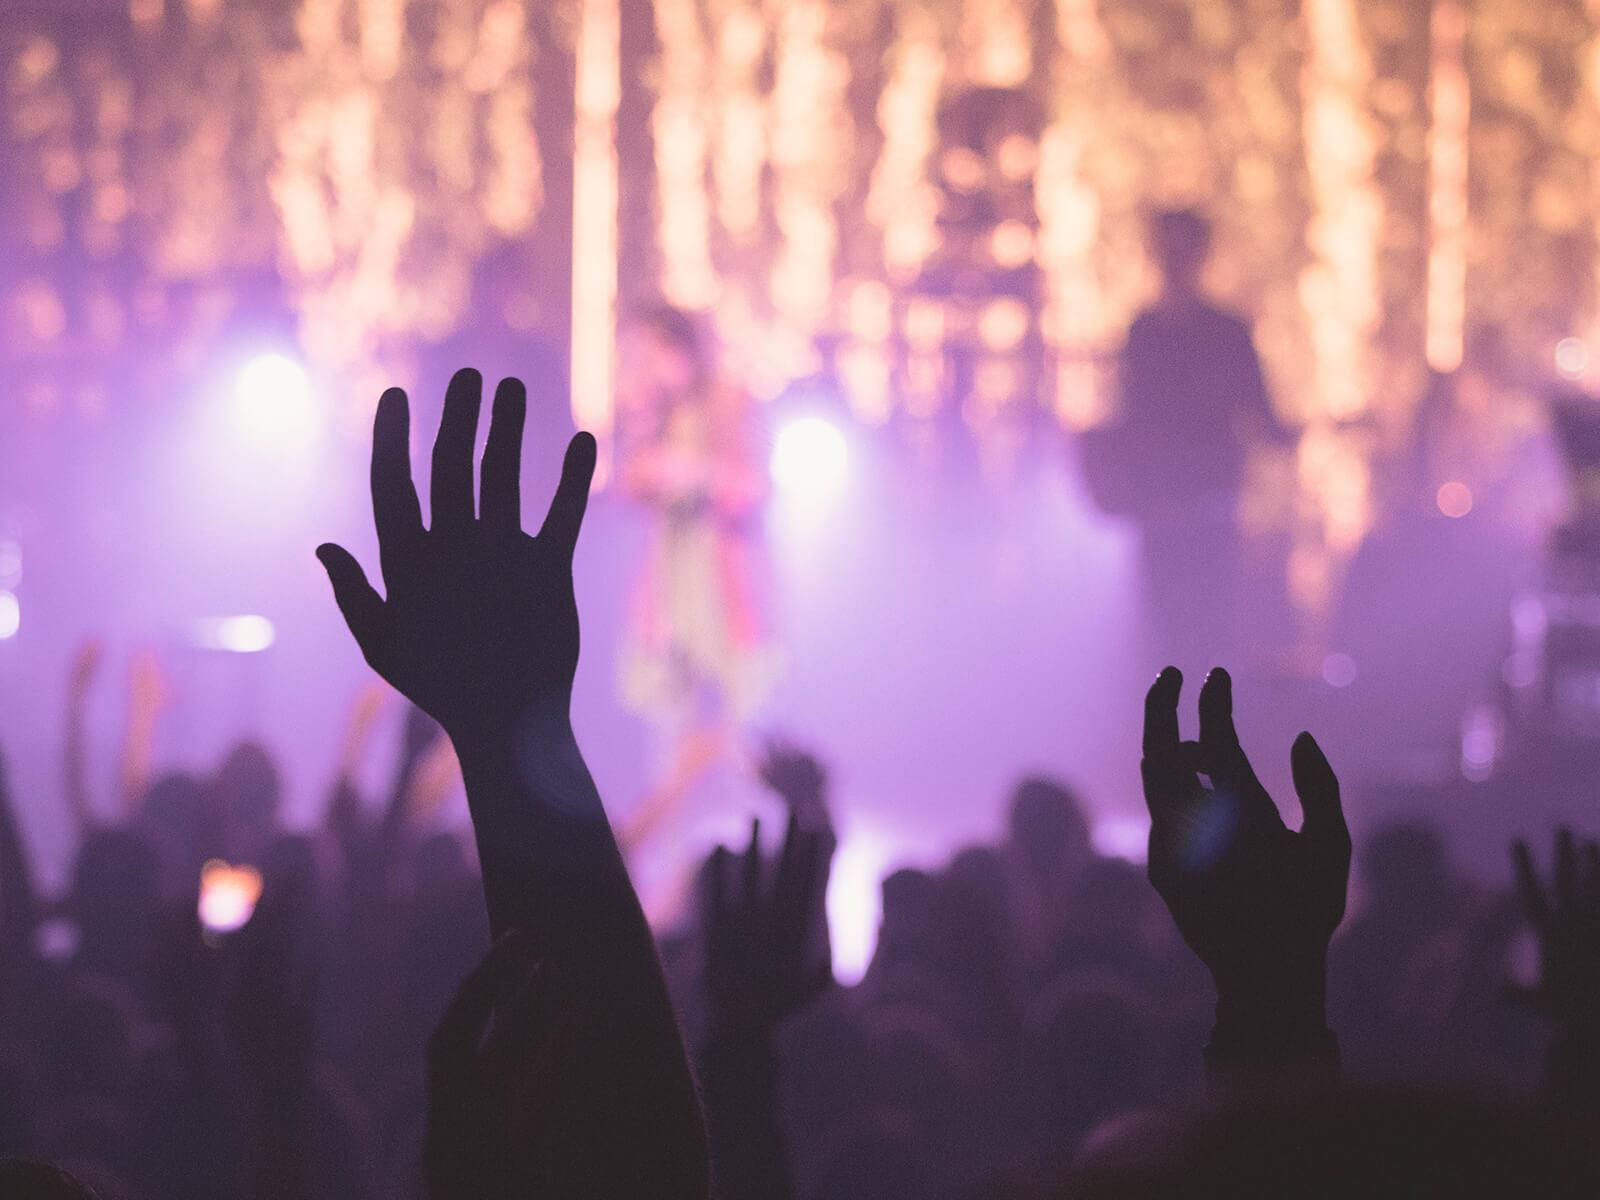 Die Hände gehen hoch im Konzert